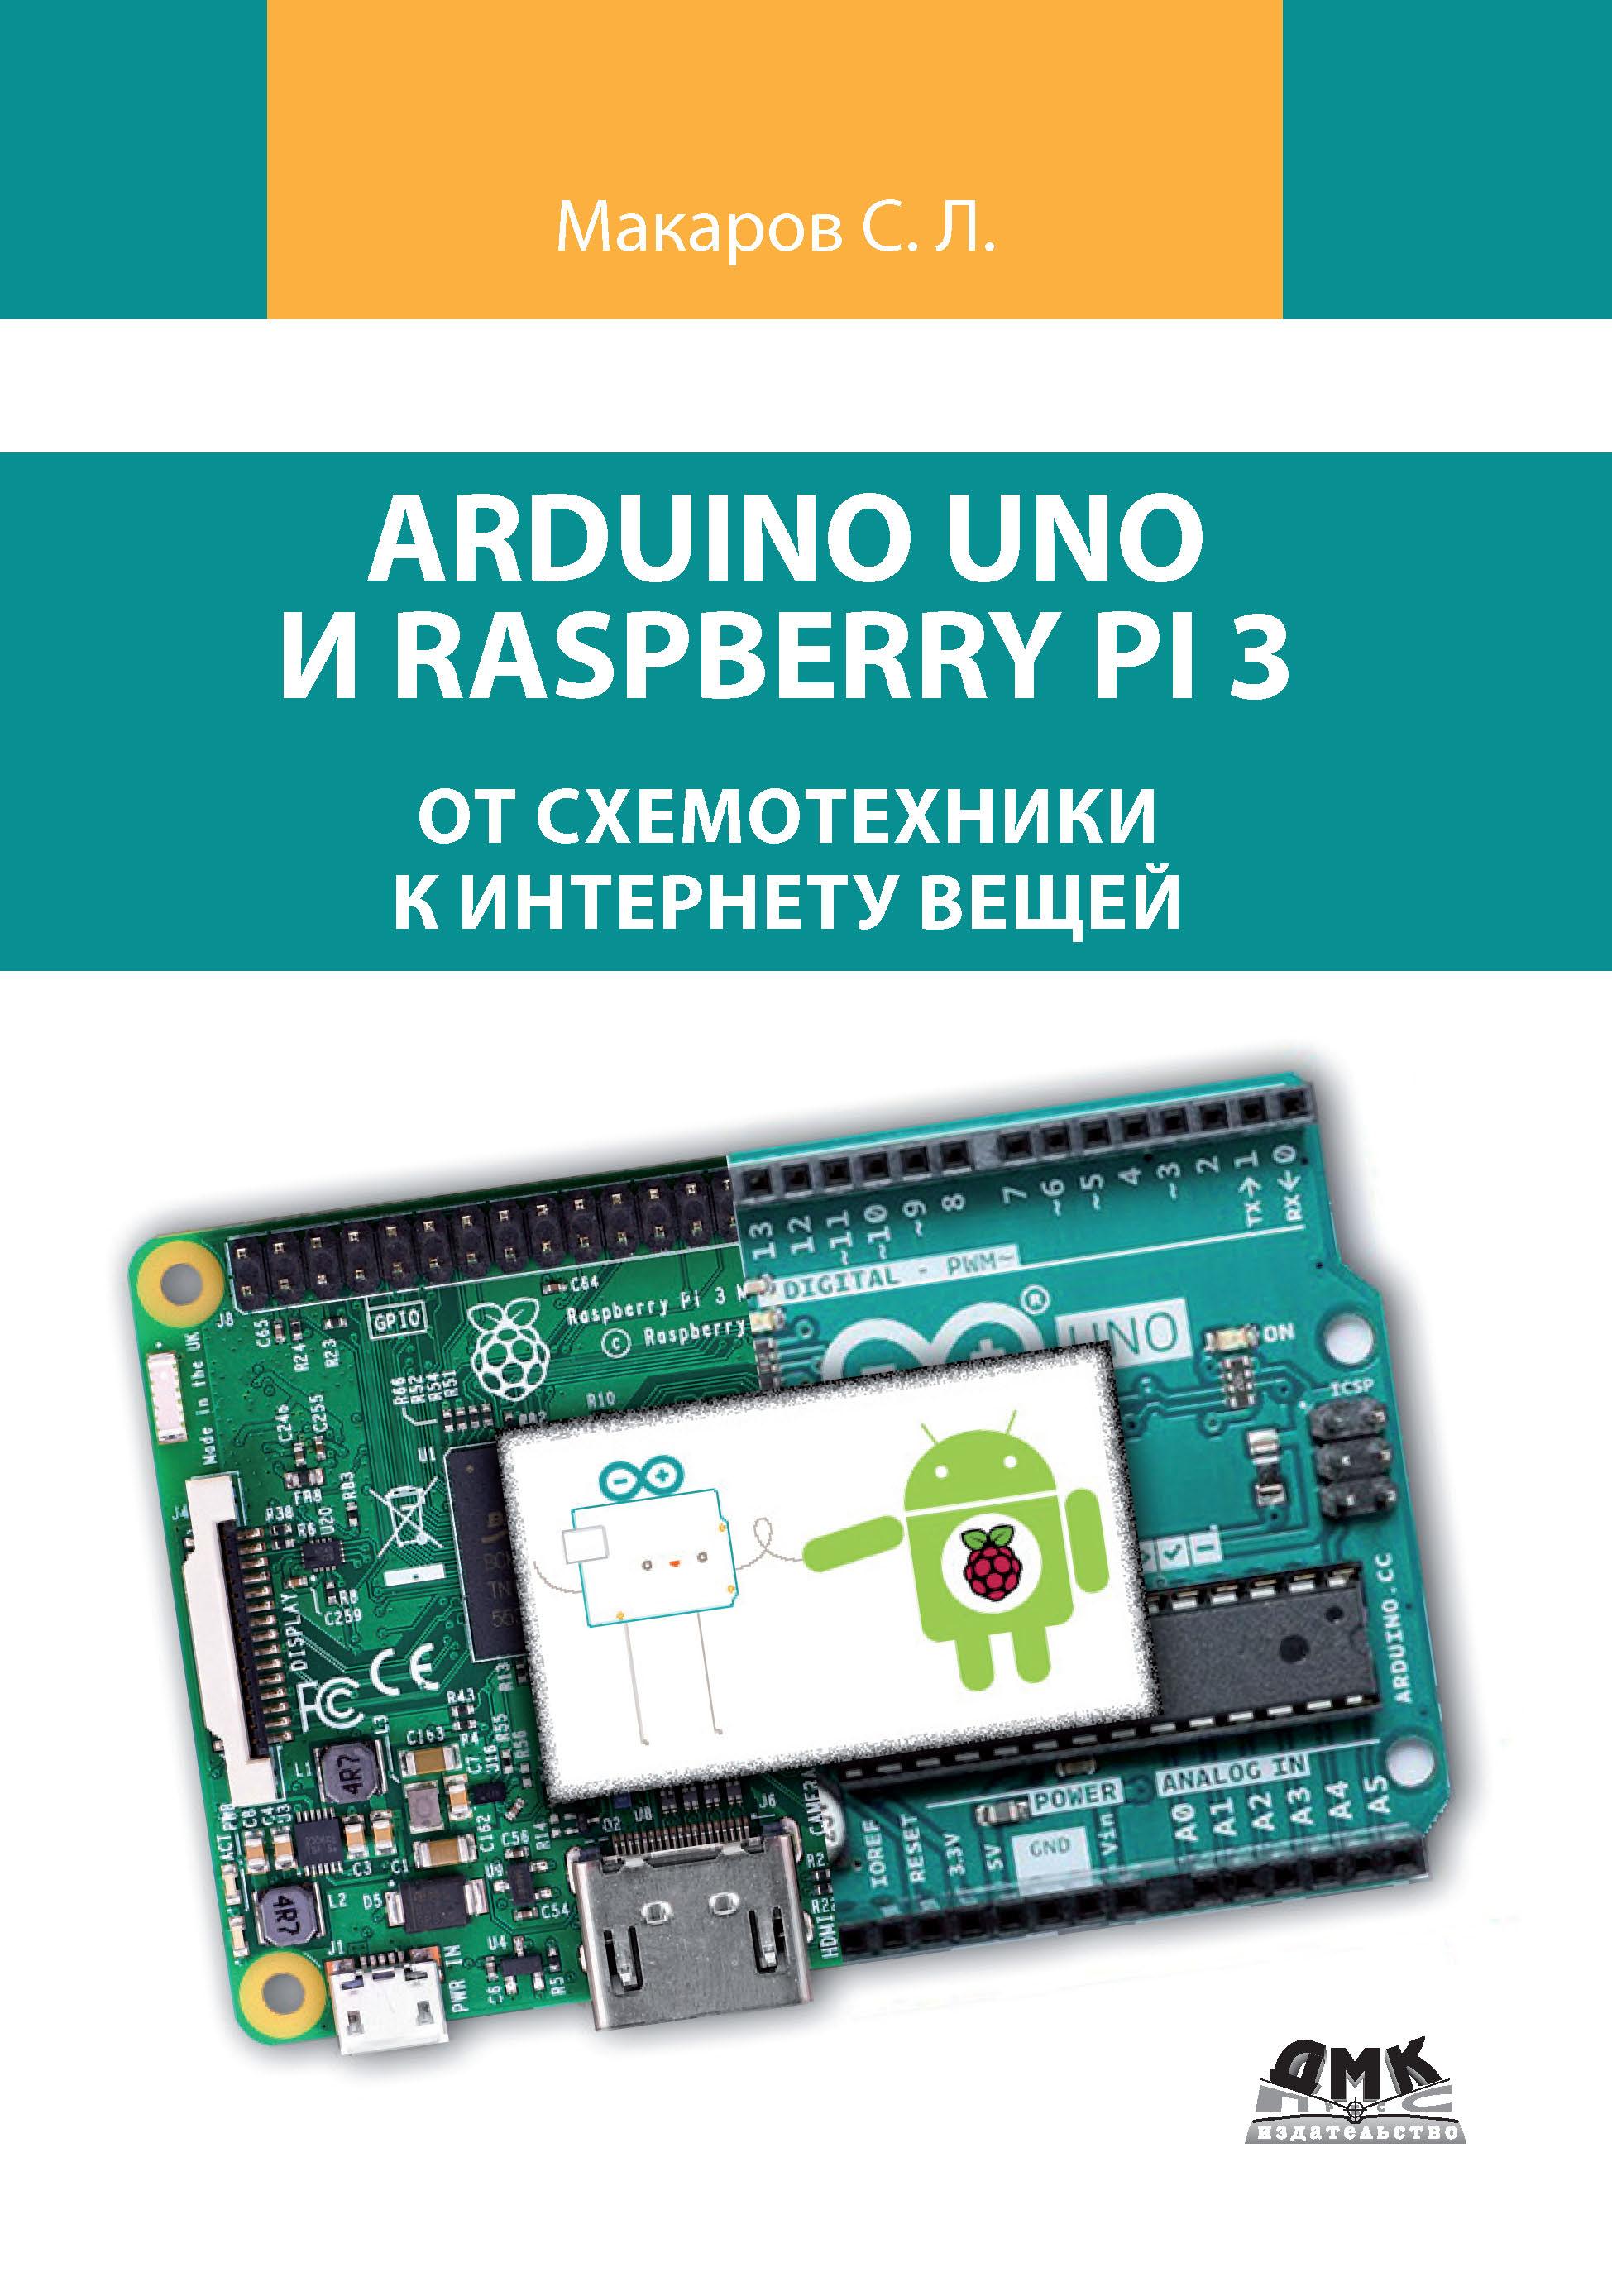 Купить книгу Arduino Uno и Raspberry Pi 3: от схемотехники к интернету вещей, автора С. Л. Макарова